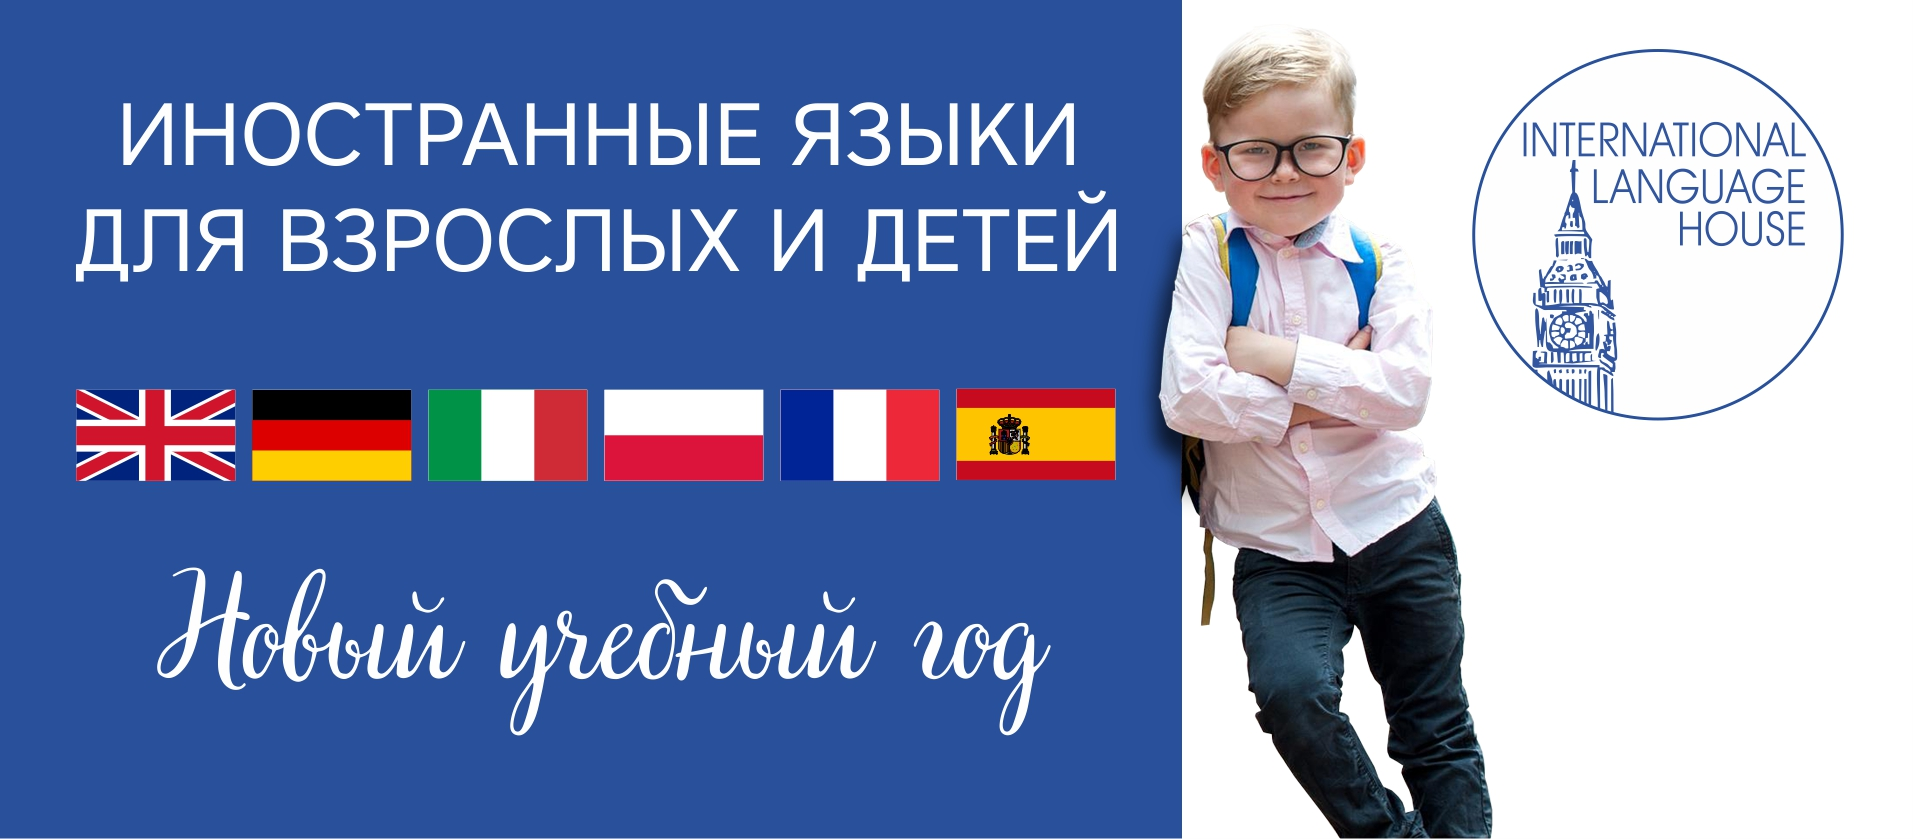 Школа Иностранных Языков International Language House начинает набор на новый учебный год 2018/19!